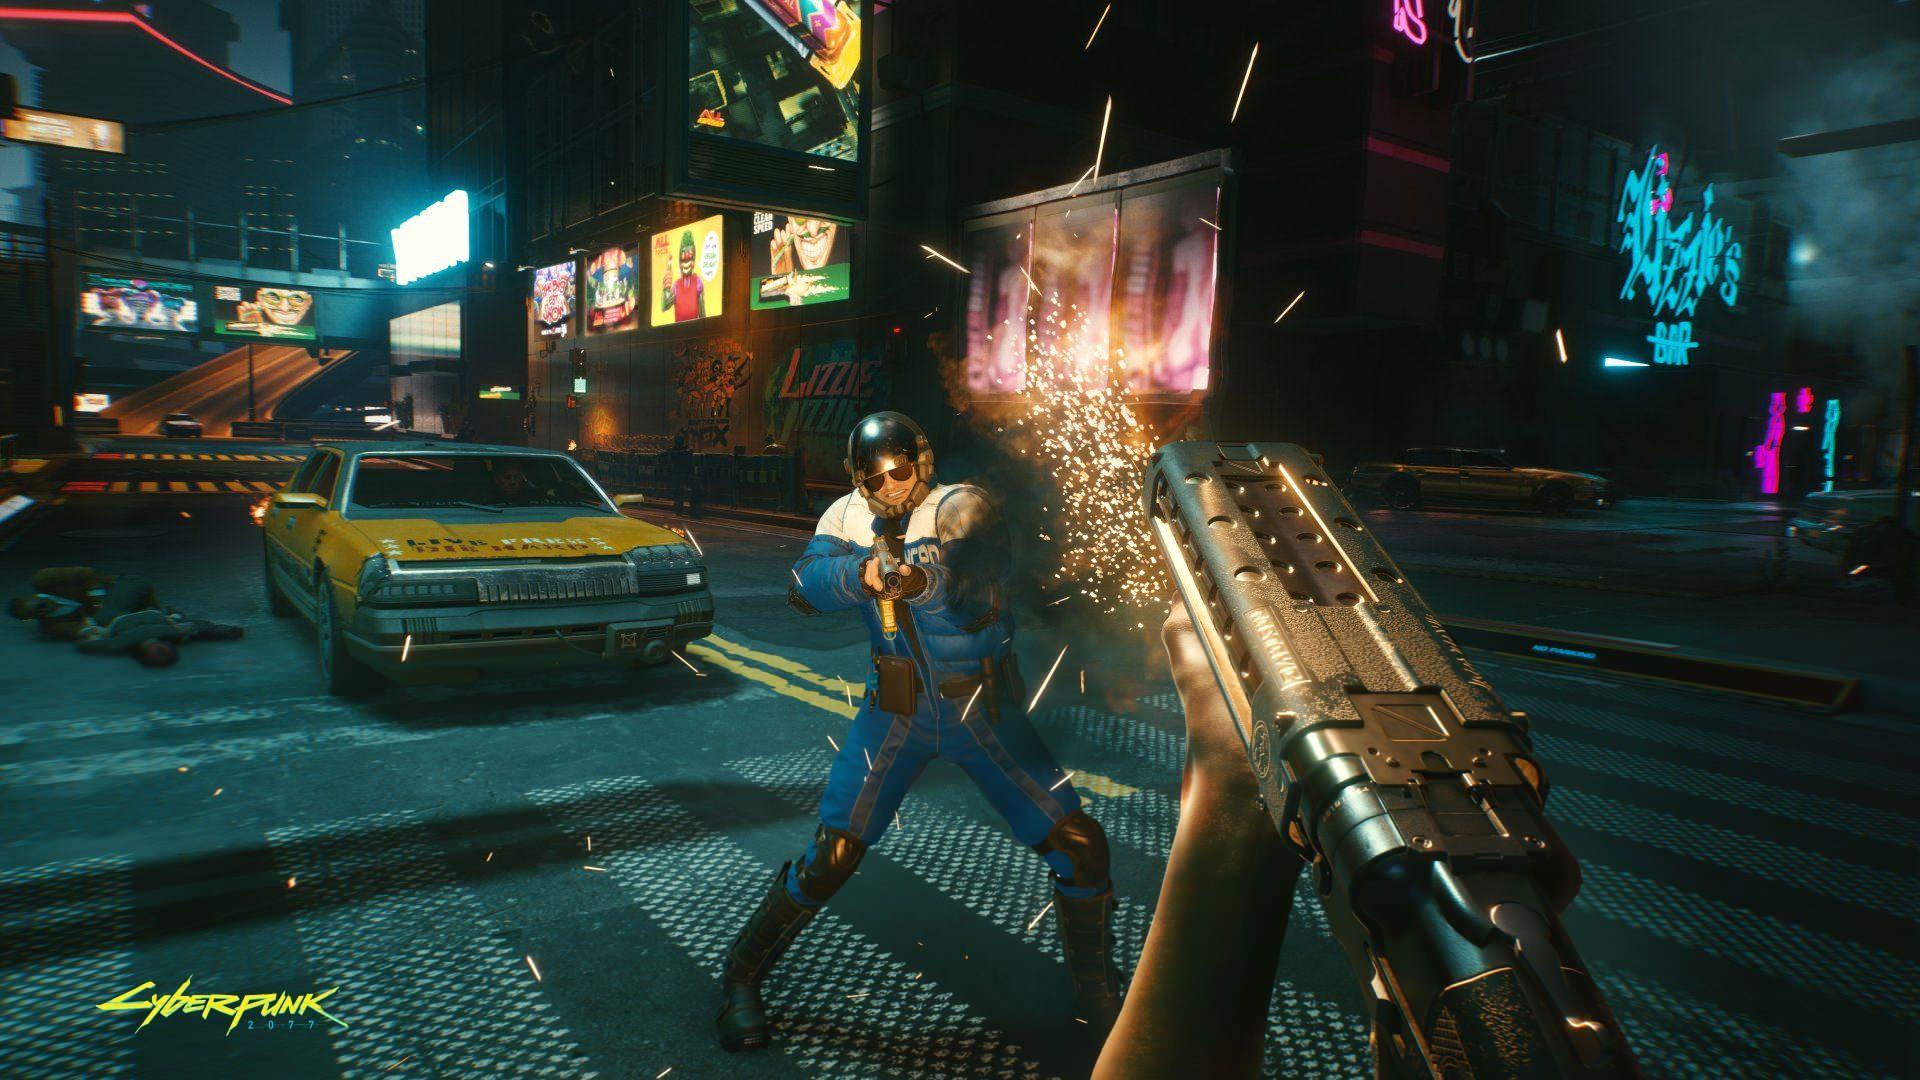 Cyberpunk 2077 é um dos jogos mais esperados do ano e promete fechar a geração com chave de ouro (Divulgação: CD Projekt Red)